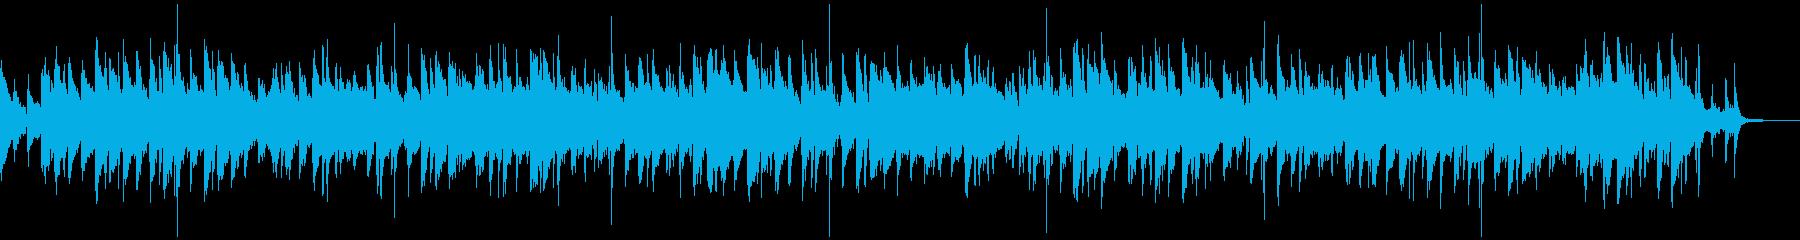 ゆったり落ち着いたジャズ風BGMの再生済みの波形